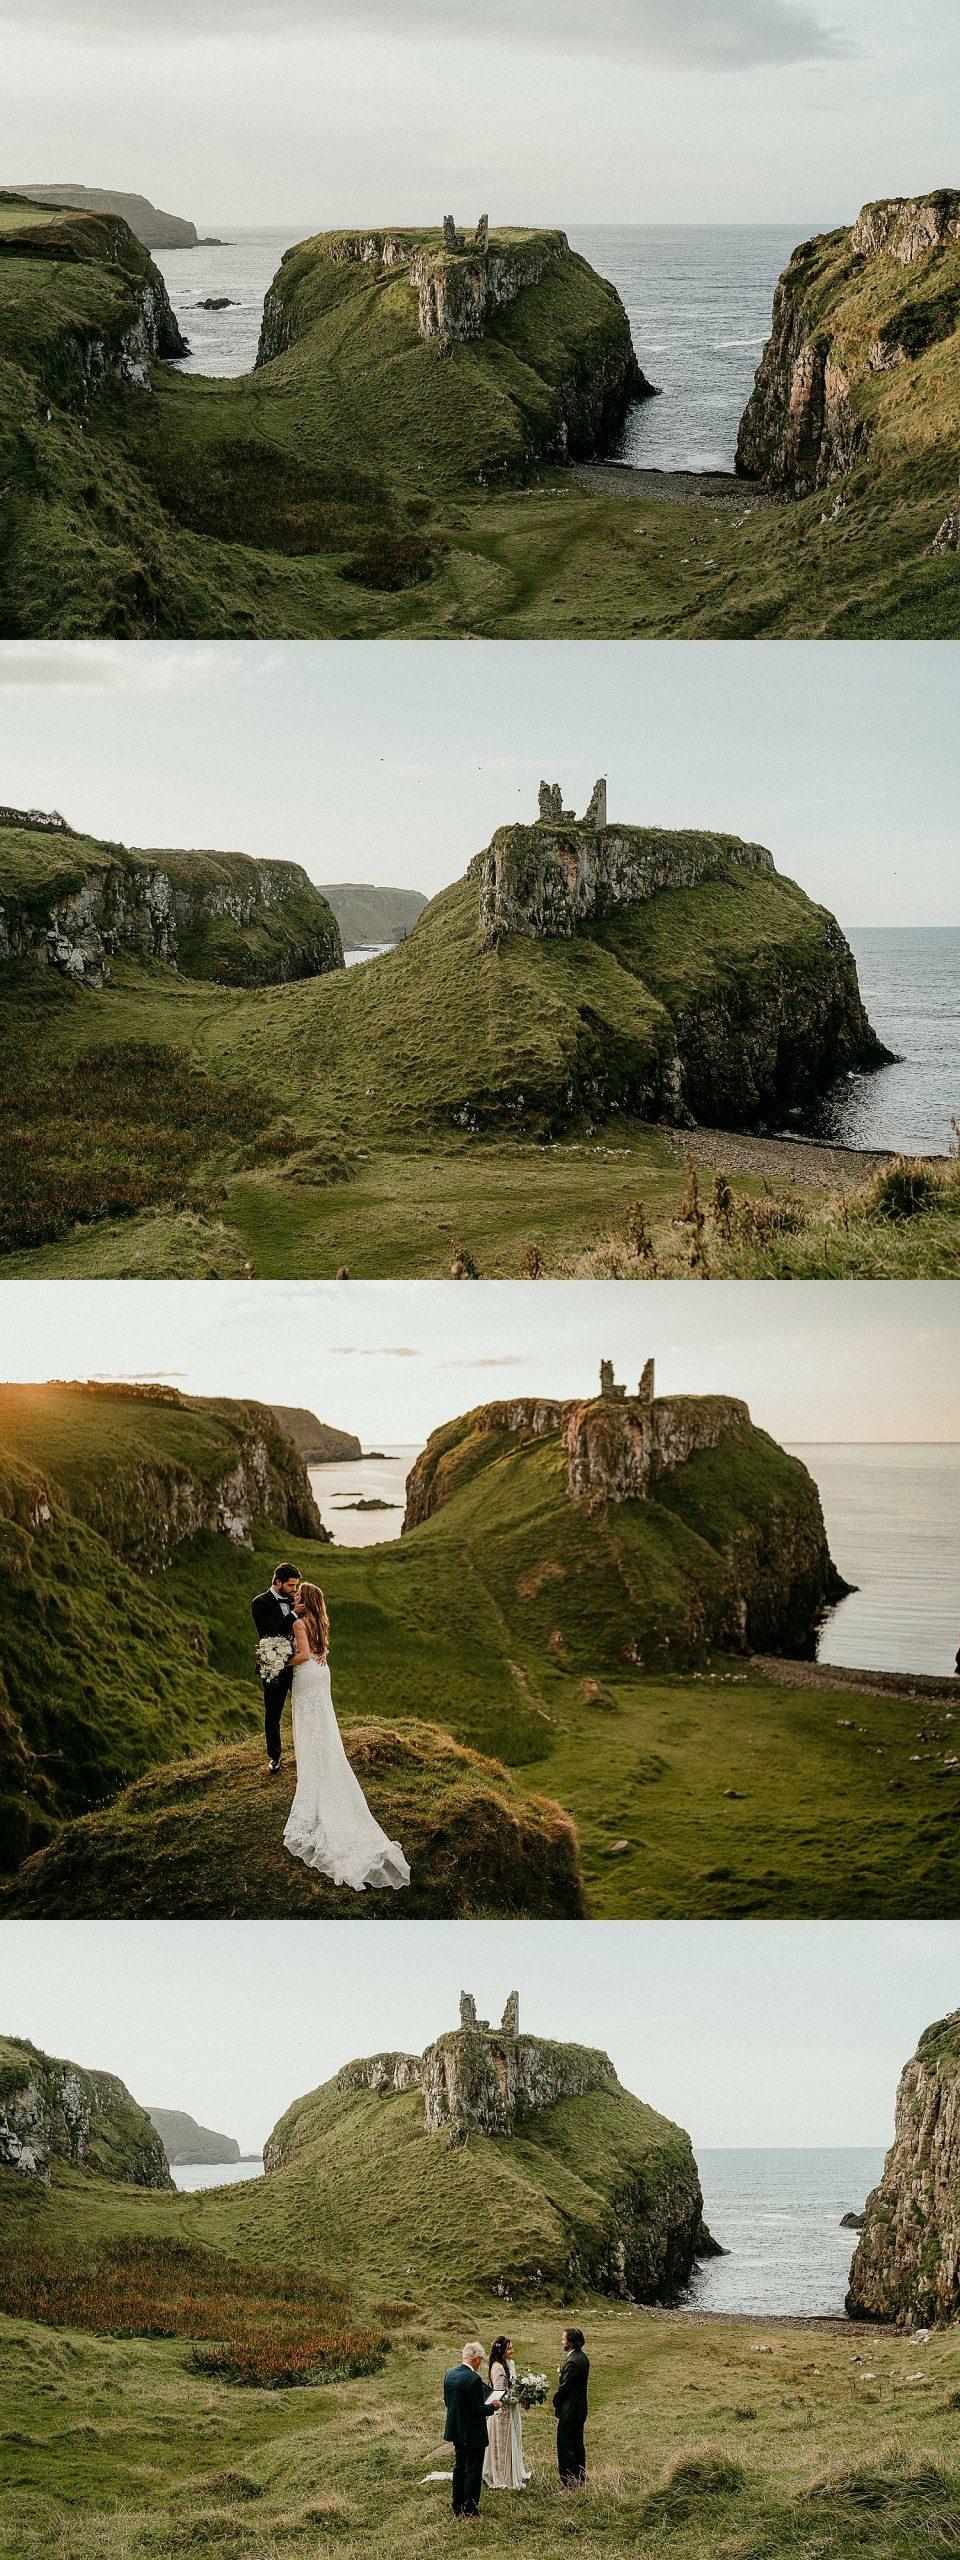 Northern Ireland elopements. Elope in Ireland. Dunseverick Castle.